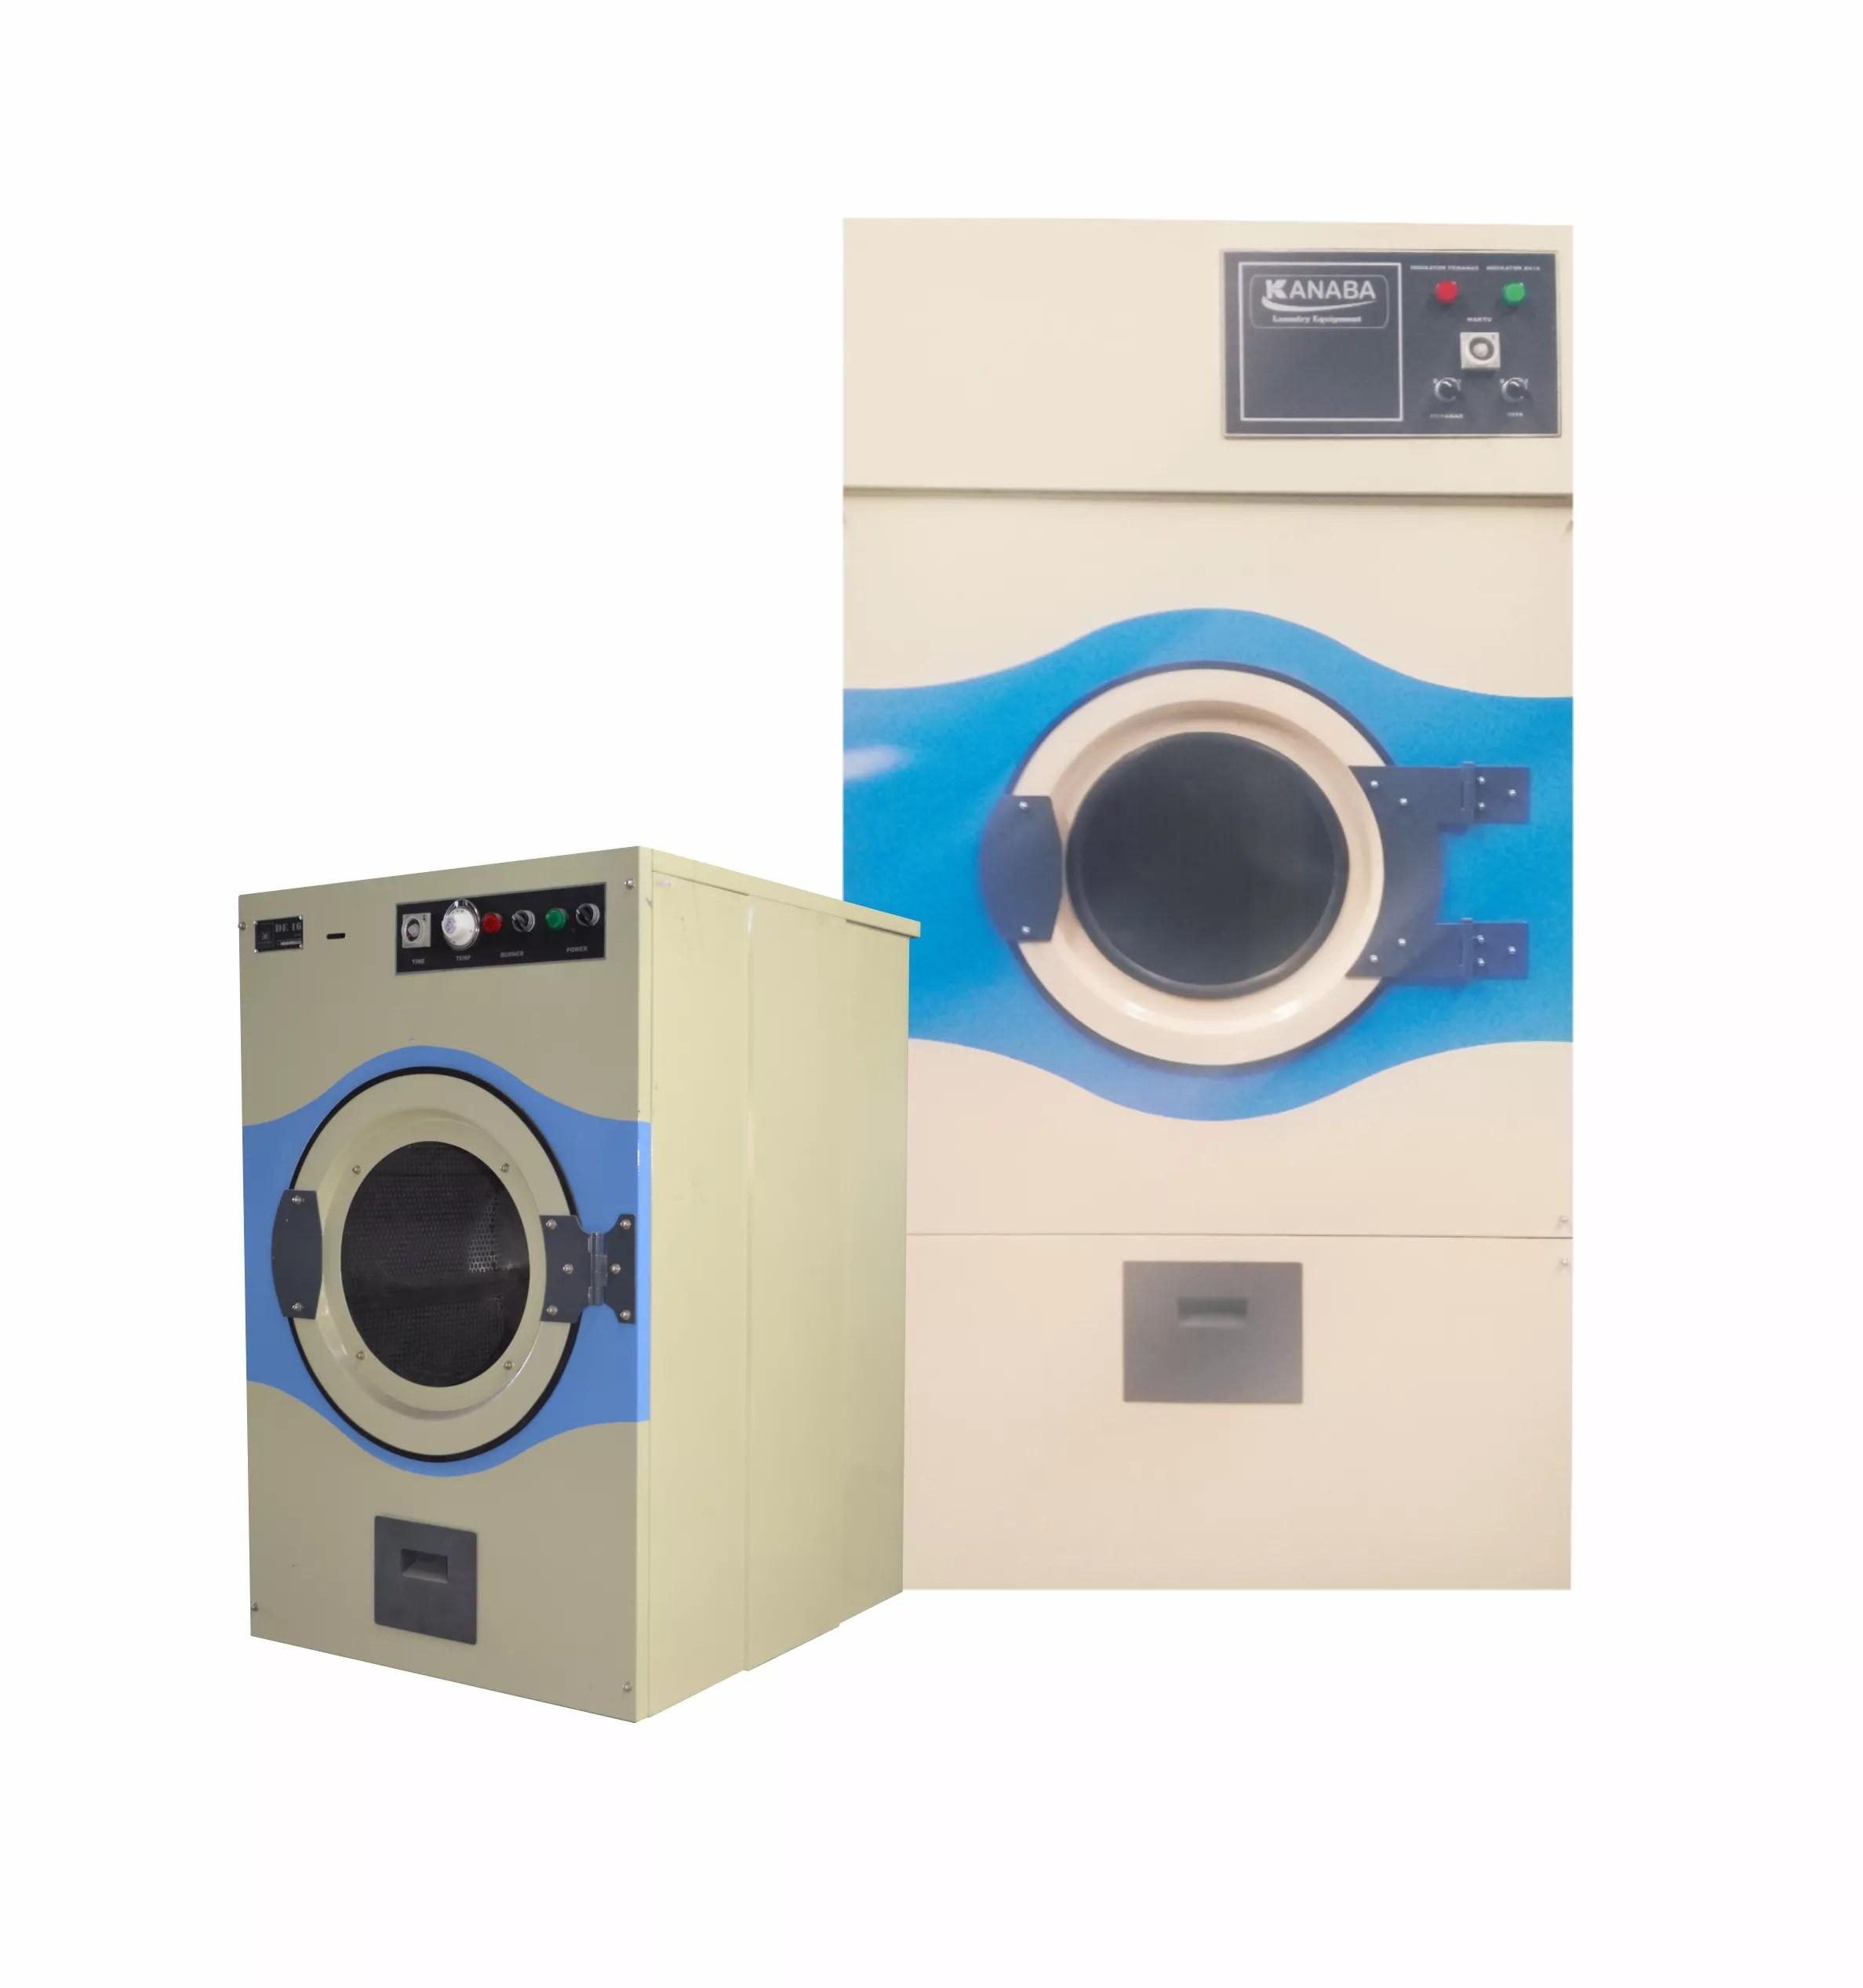 Gambar Mesin Cuci Laundry Kanaba Dan Harganya Harimukti Teknik